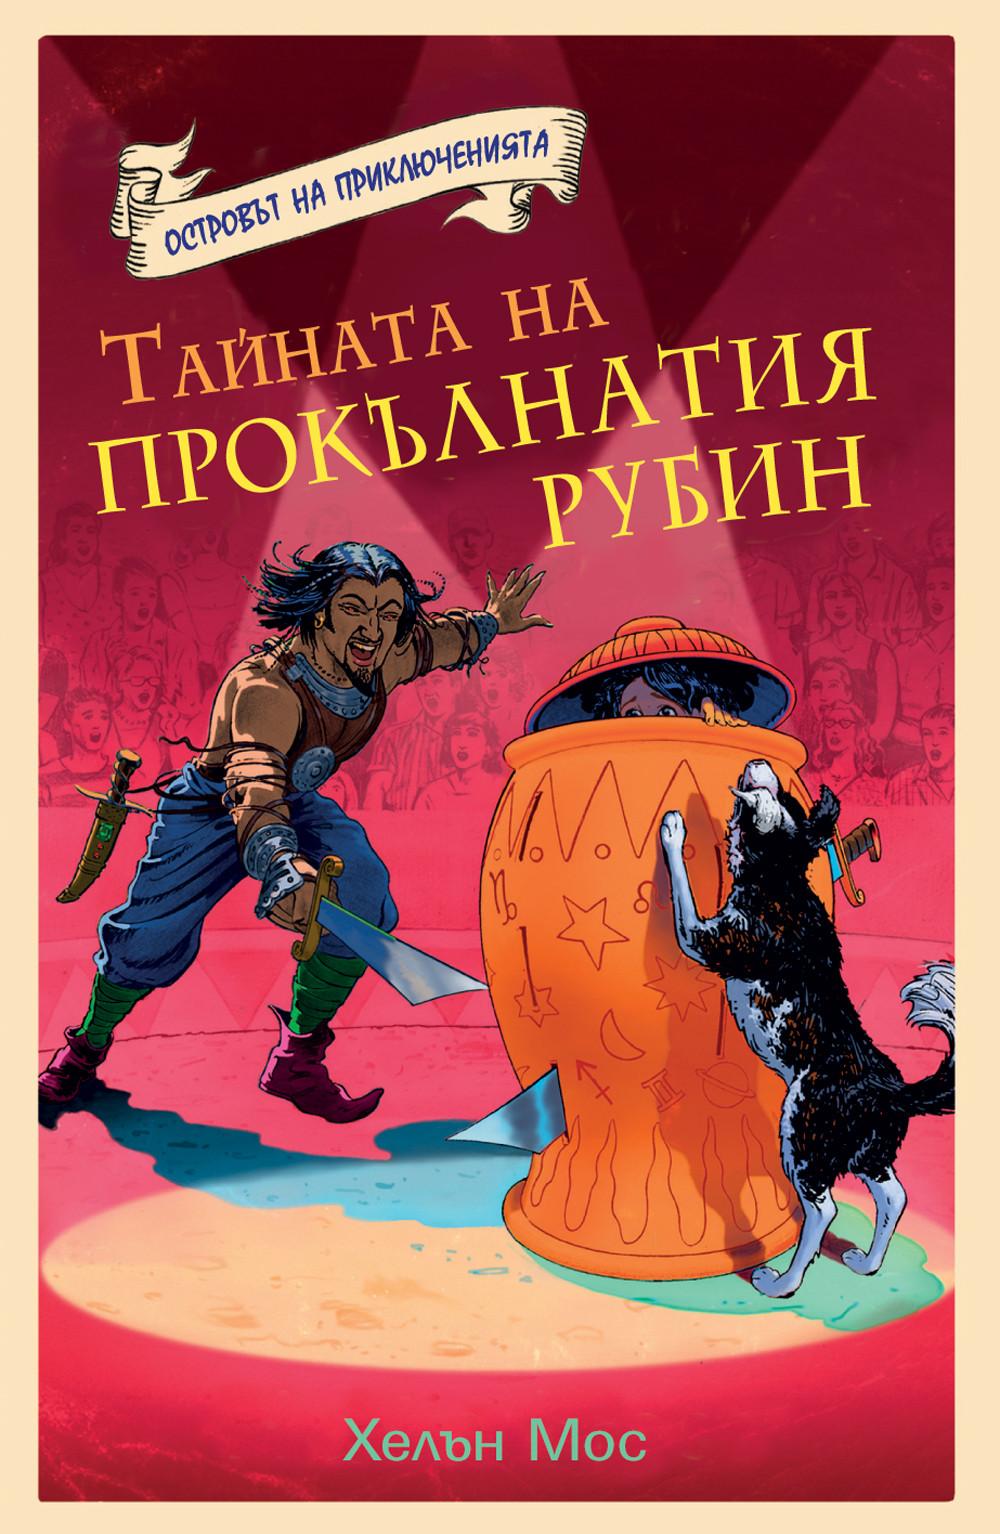 Островът на приключенията: Тайната на прокълнатия рубин